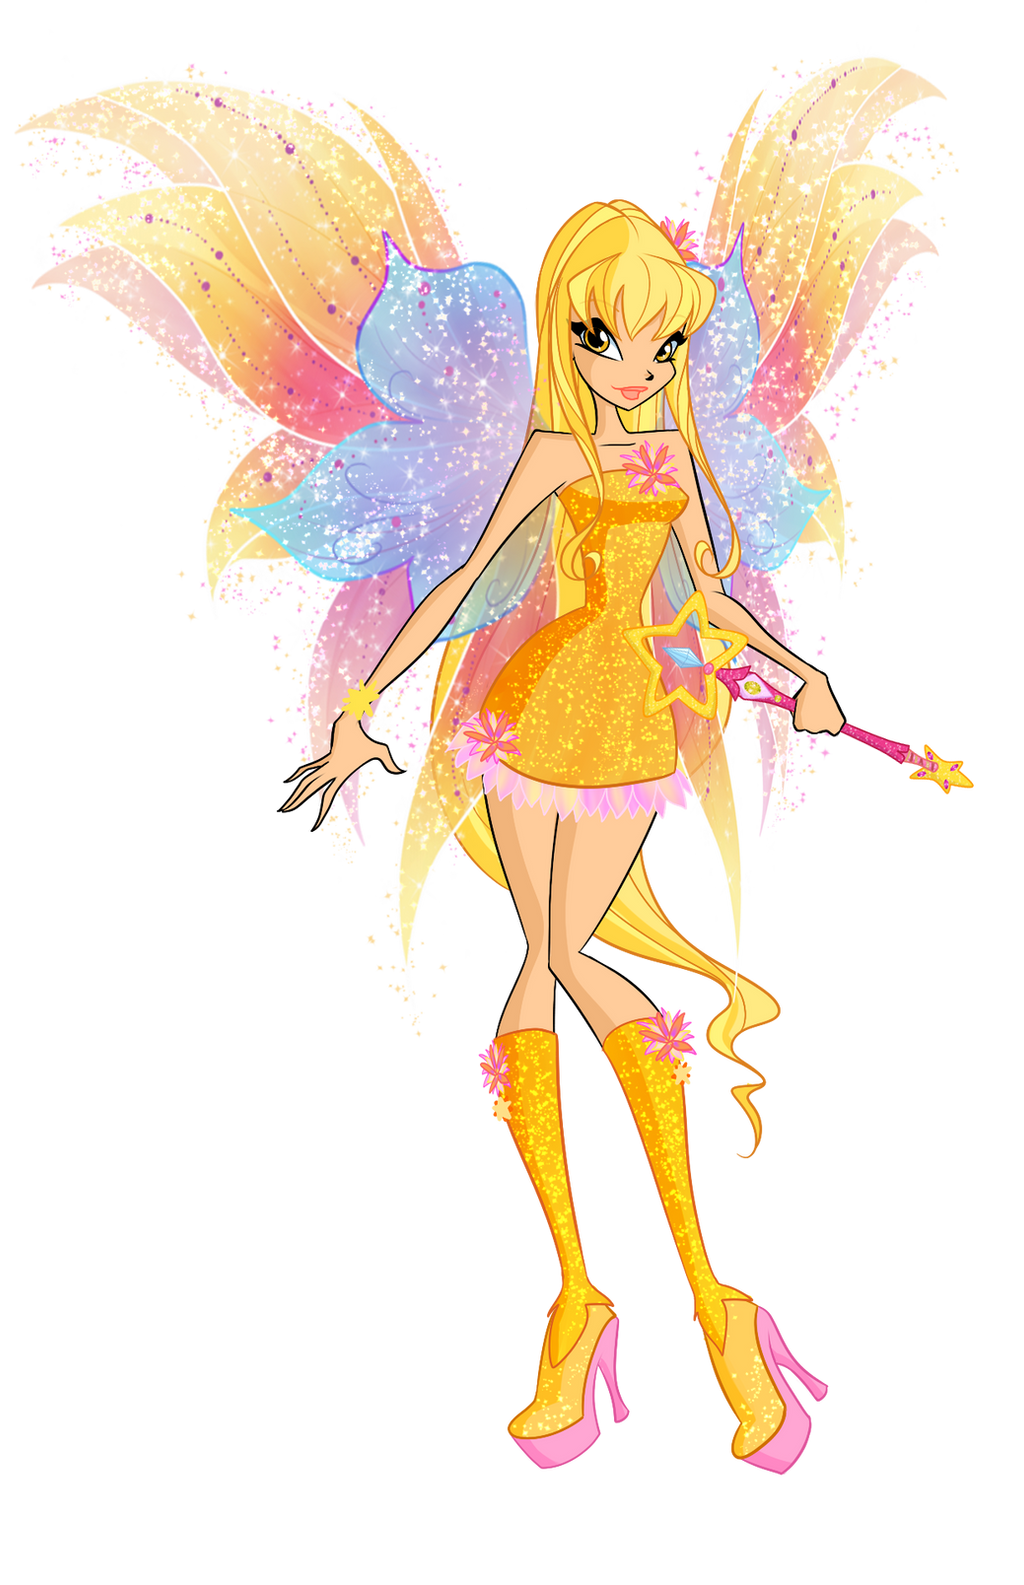 winx club stella dreamix | Stella - Dreamix on WOW-It-is-Dreamix ... | 1585x1024